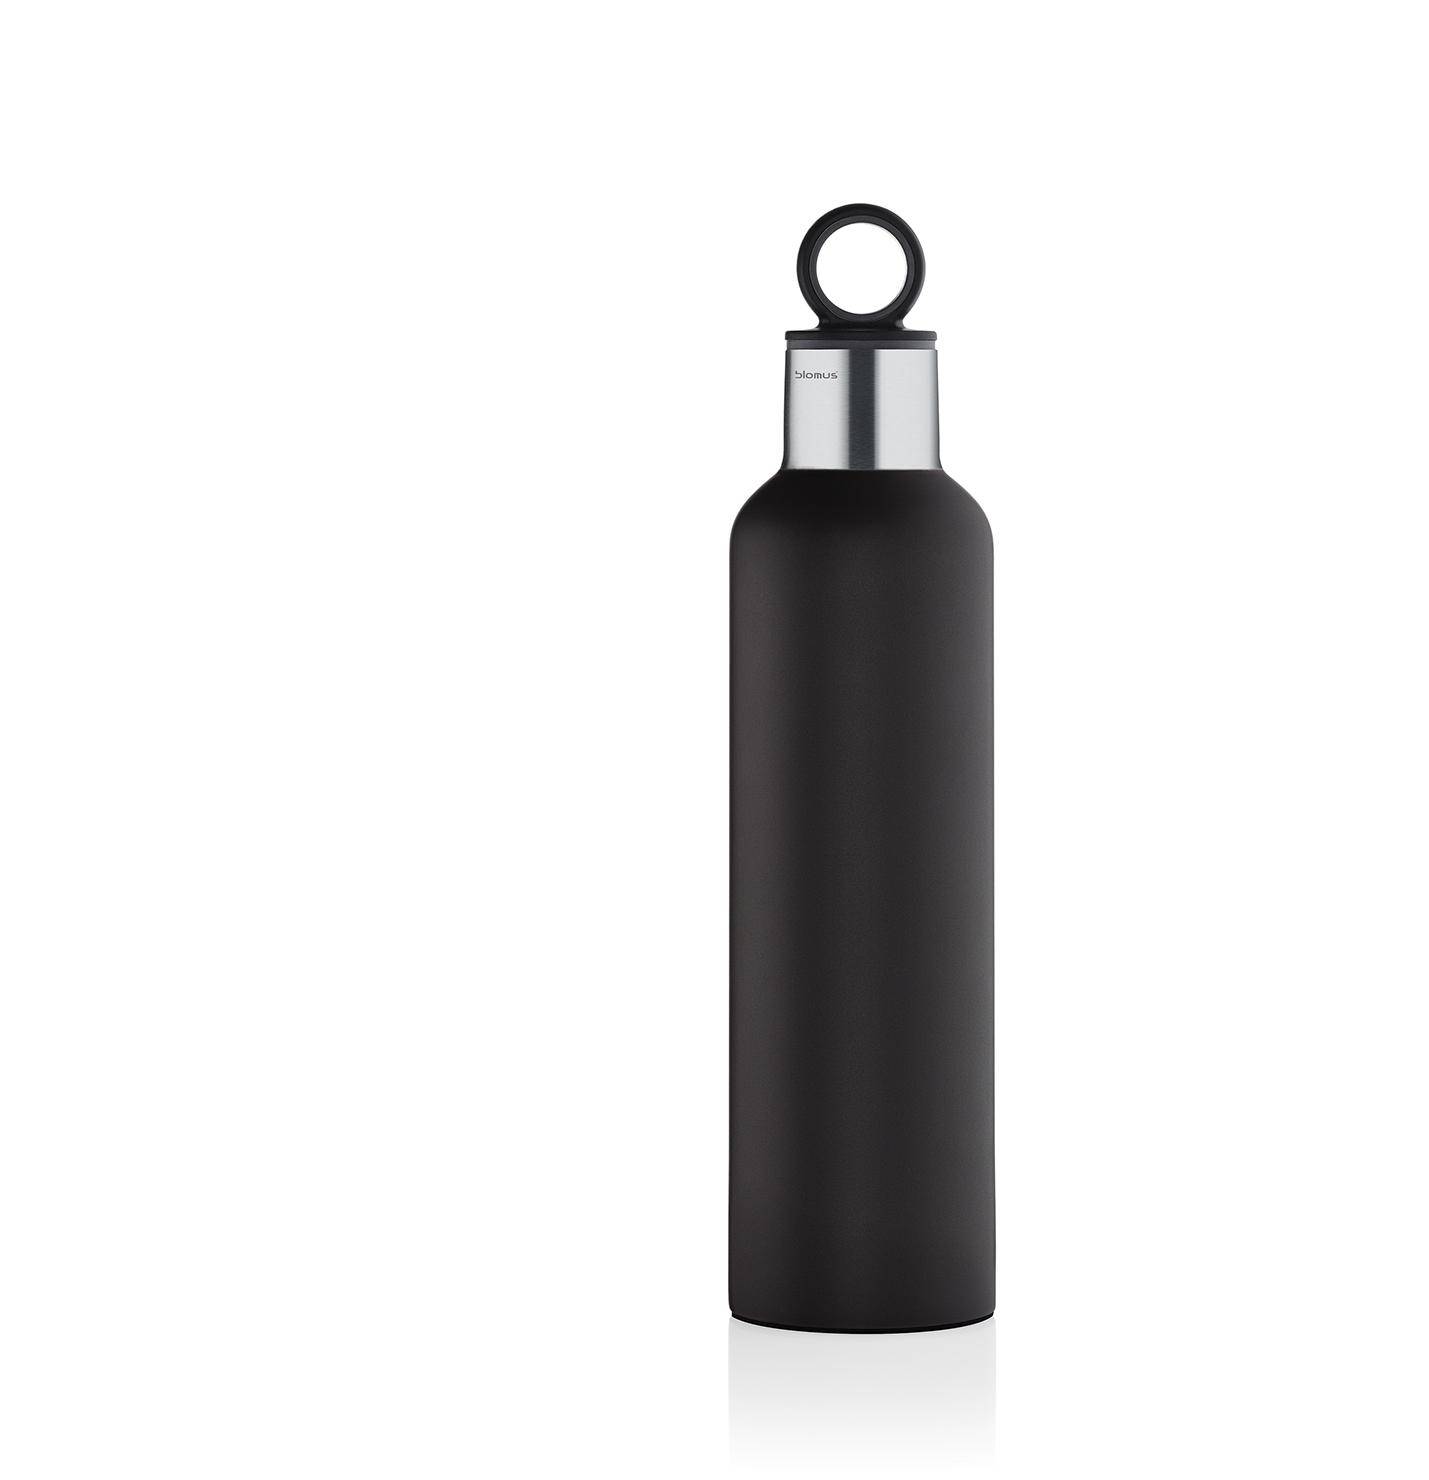 Pure Taste Flaska Isolerad Antracit 500 ml